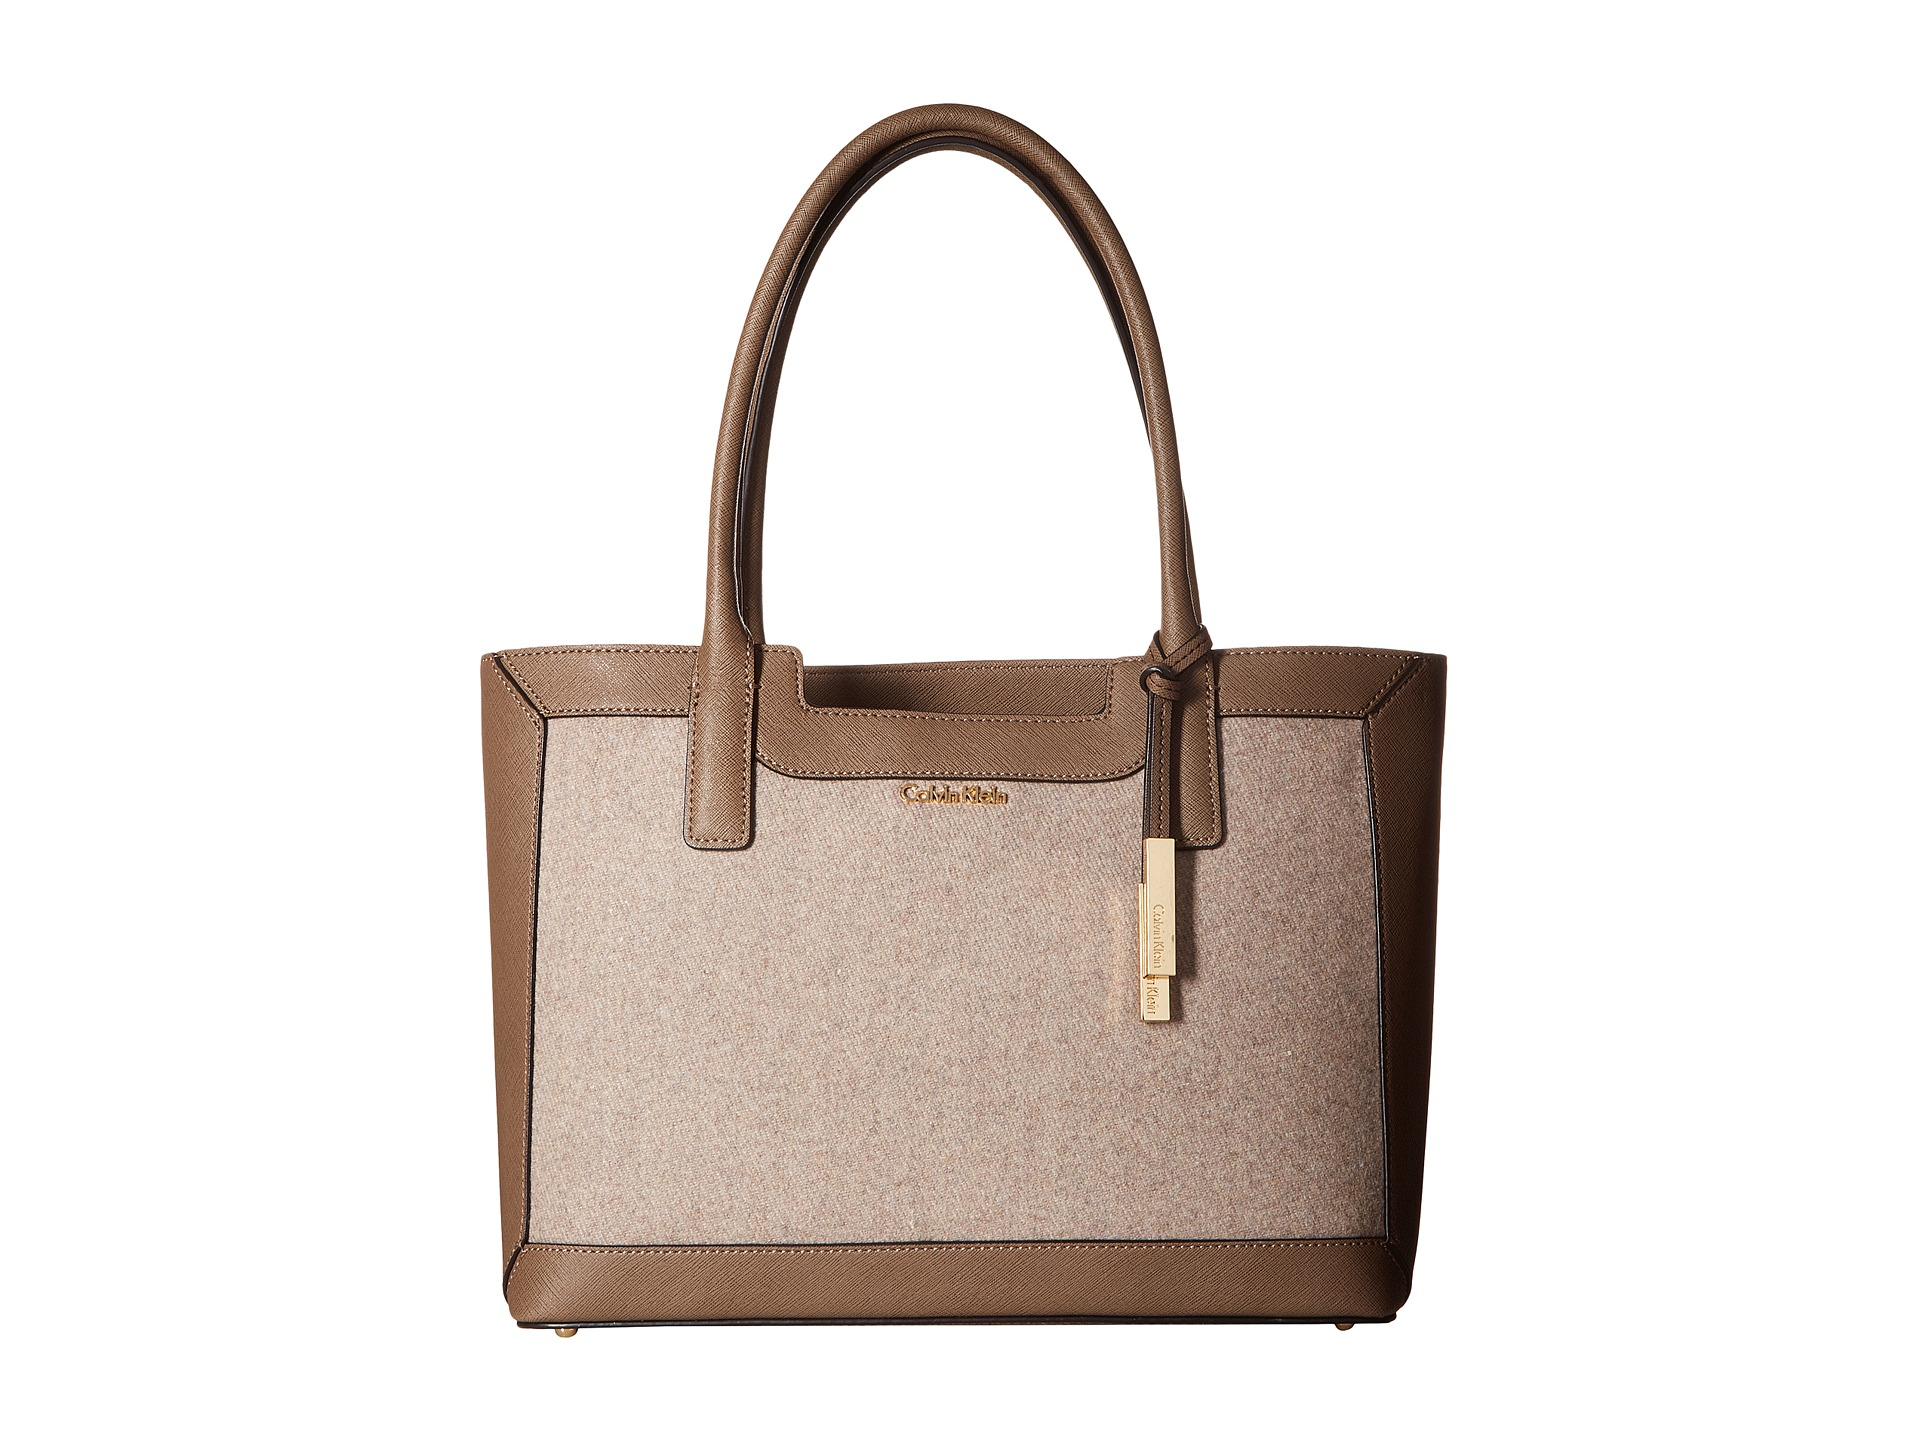 handbags at 6pm.com